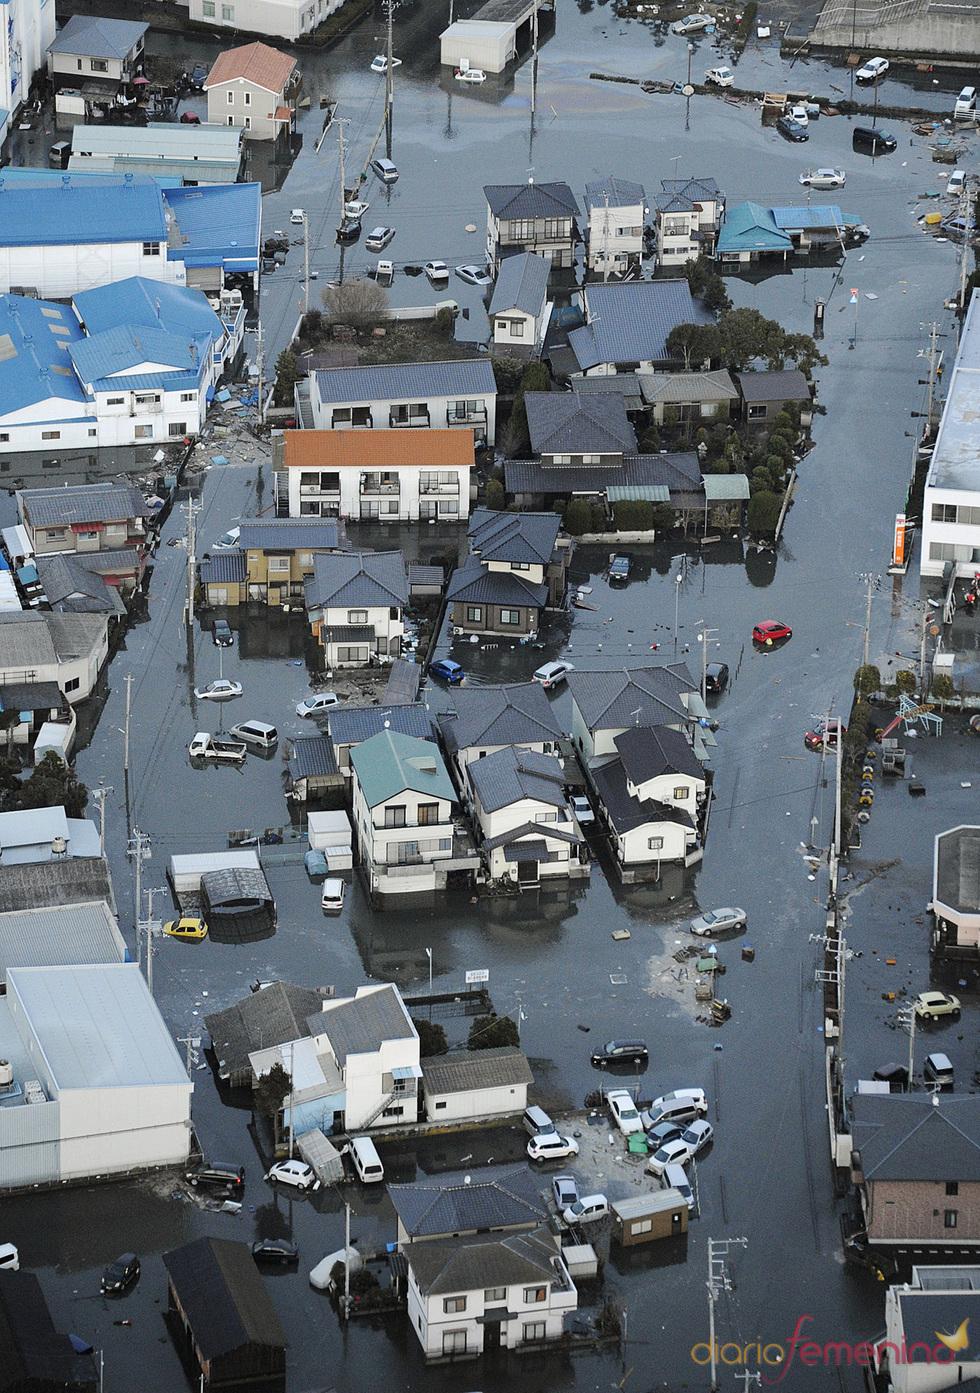 Casas inundadas tras el tsunami de Japón